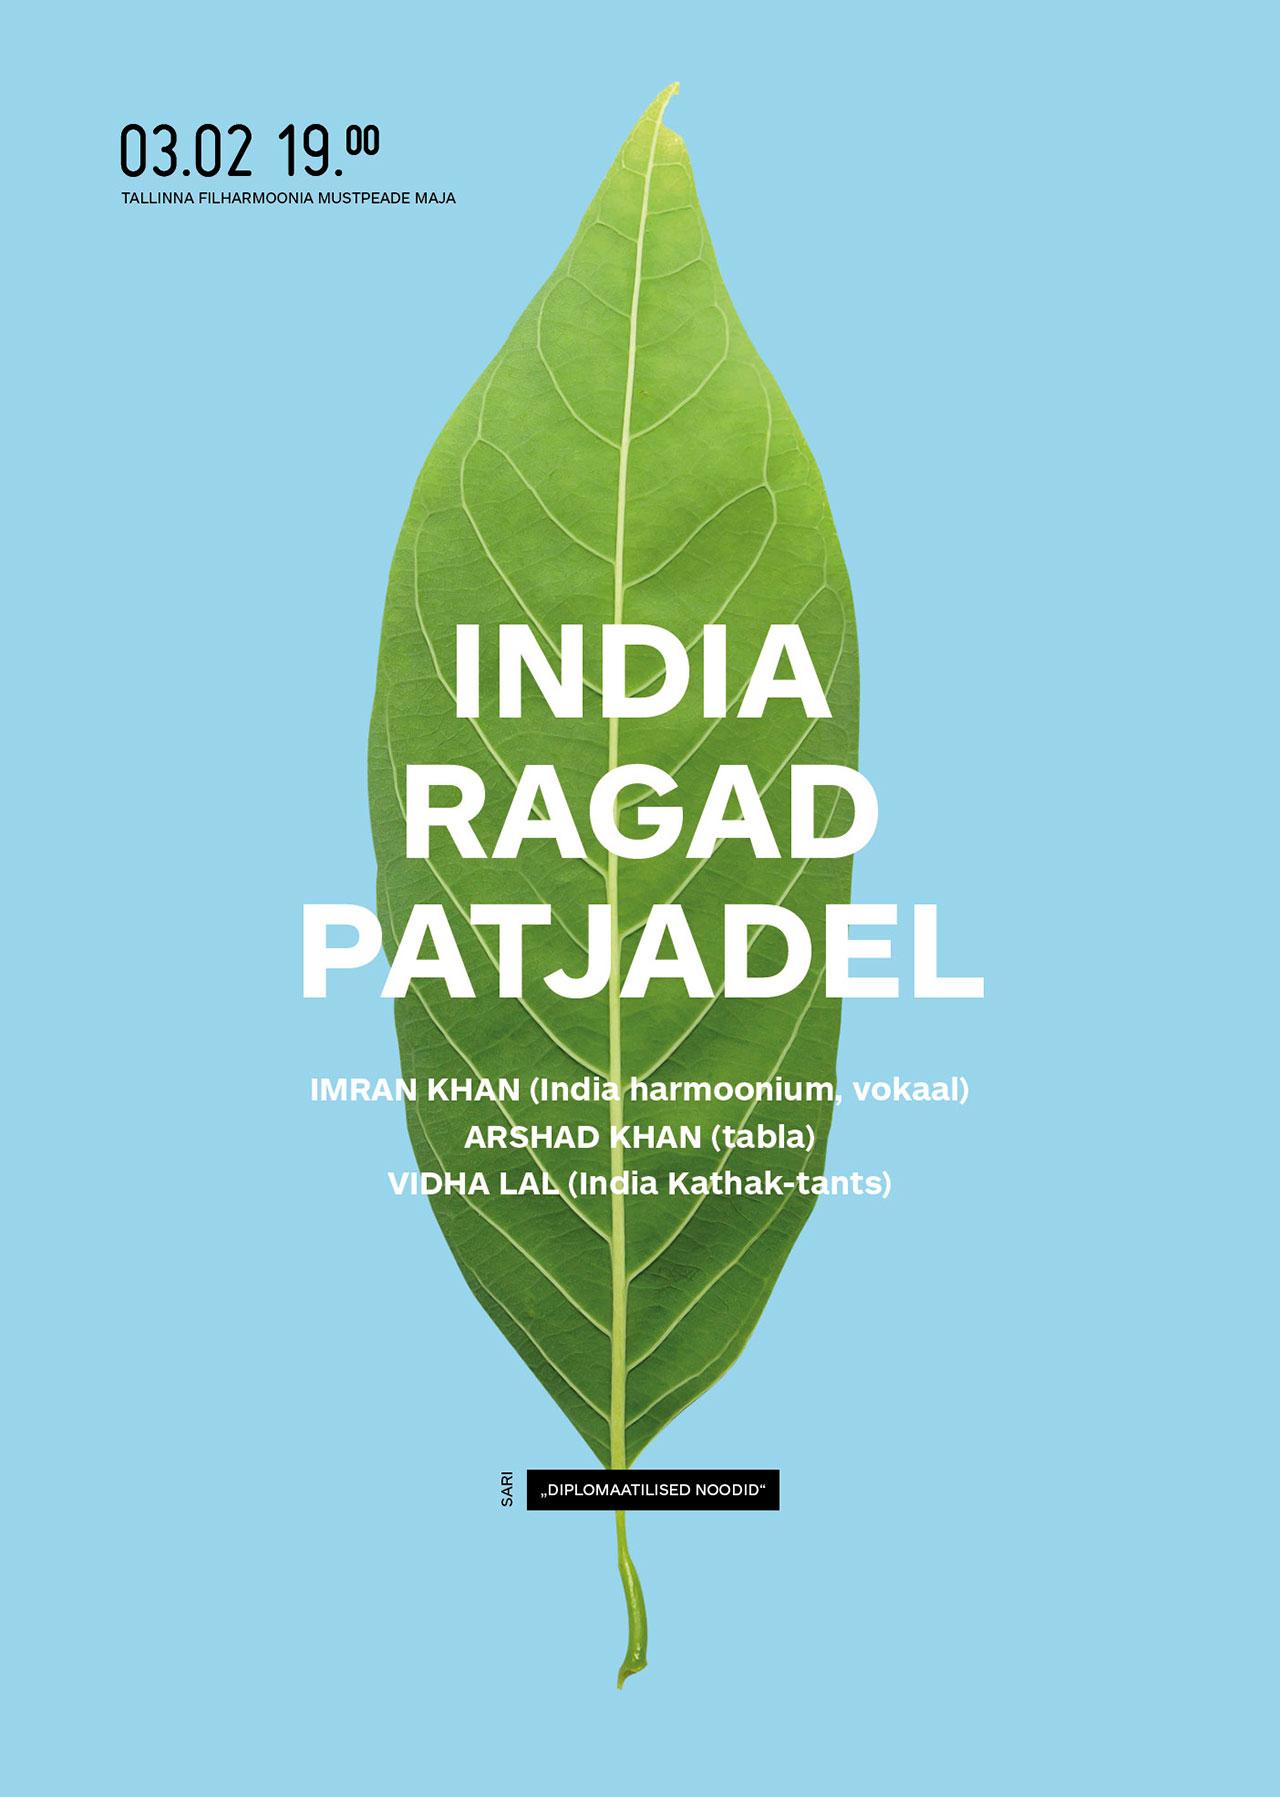 DIPLOMAATILISED NOODID. INDIA RAGAD PATJADEL